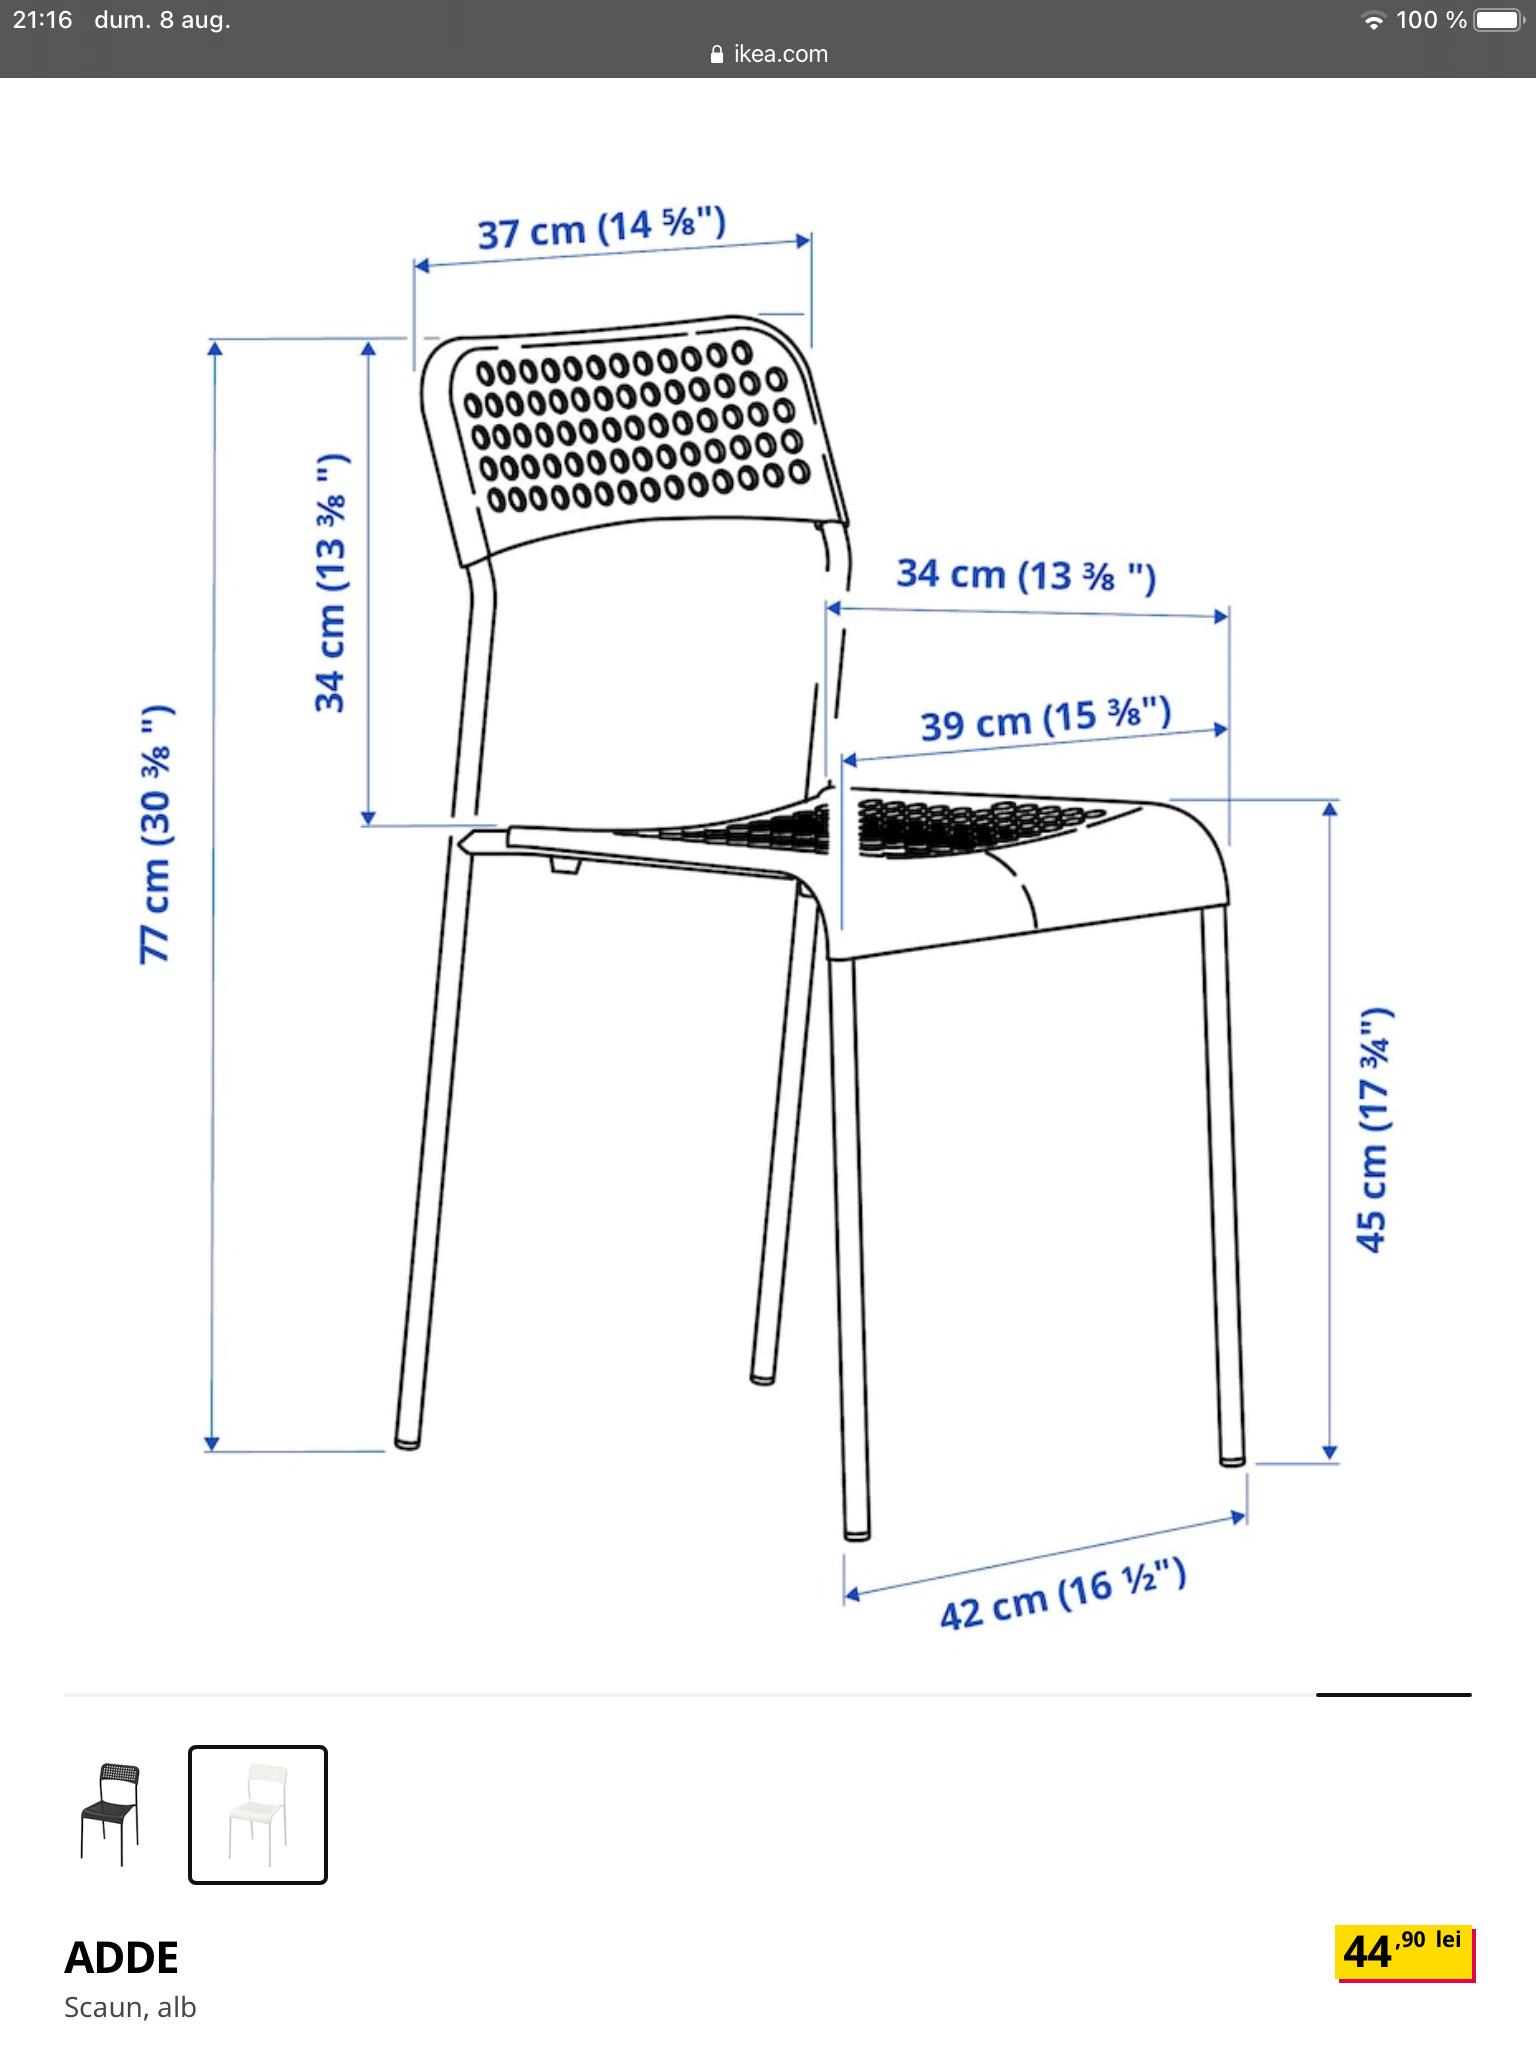 Scaun ADDE alb IKEA